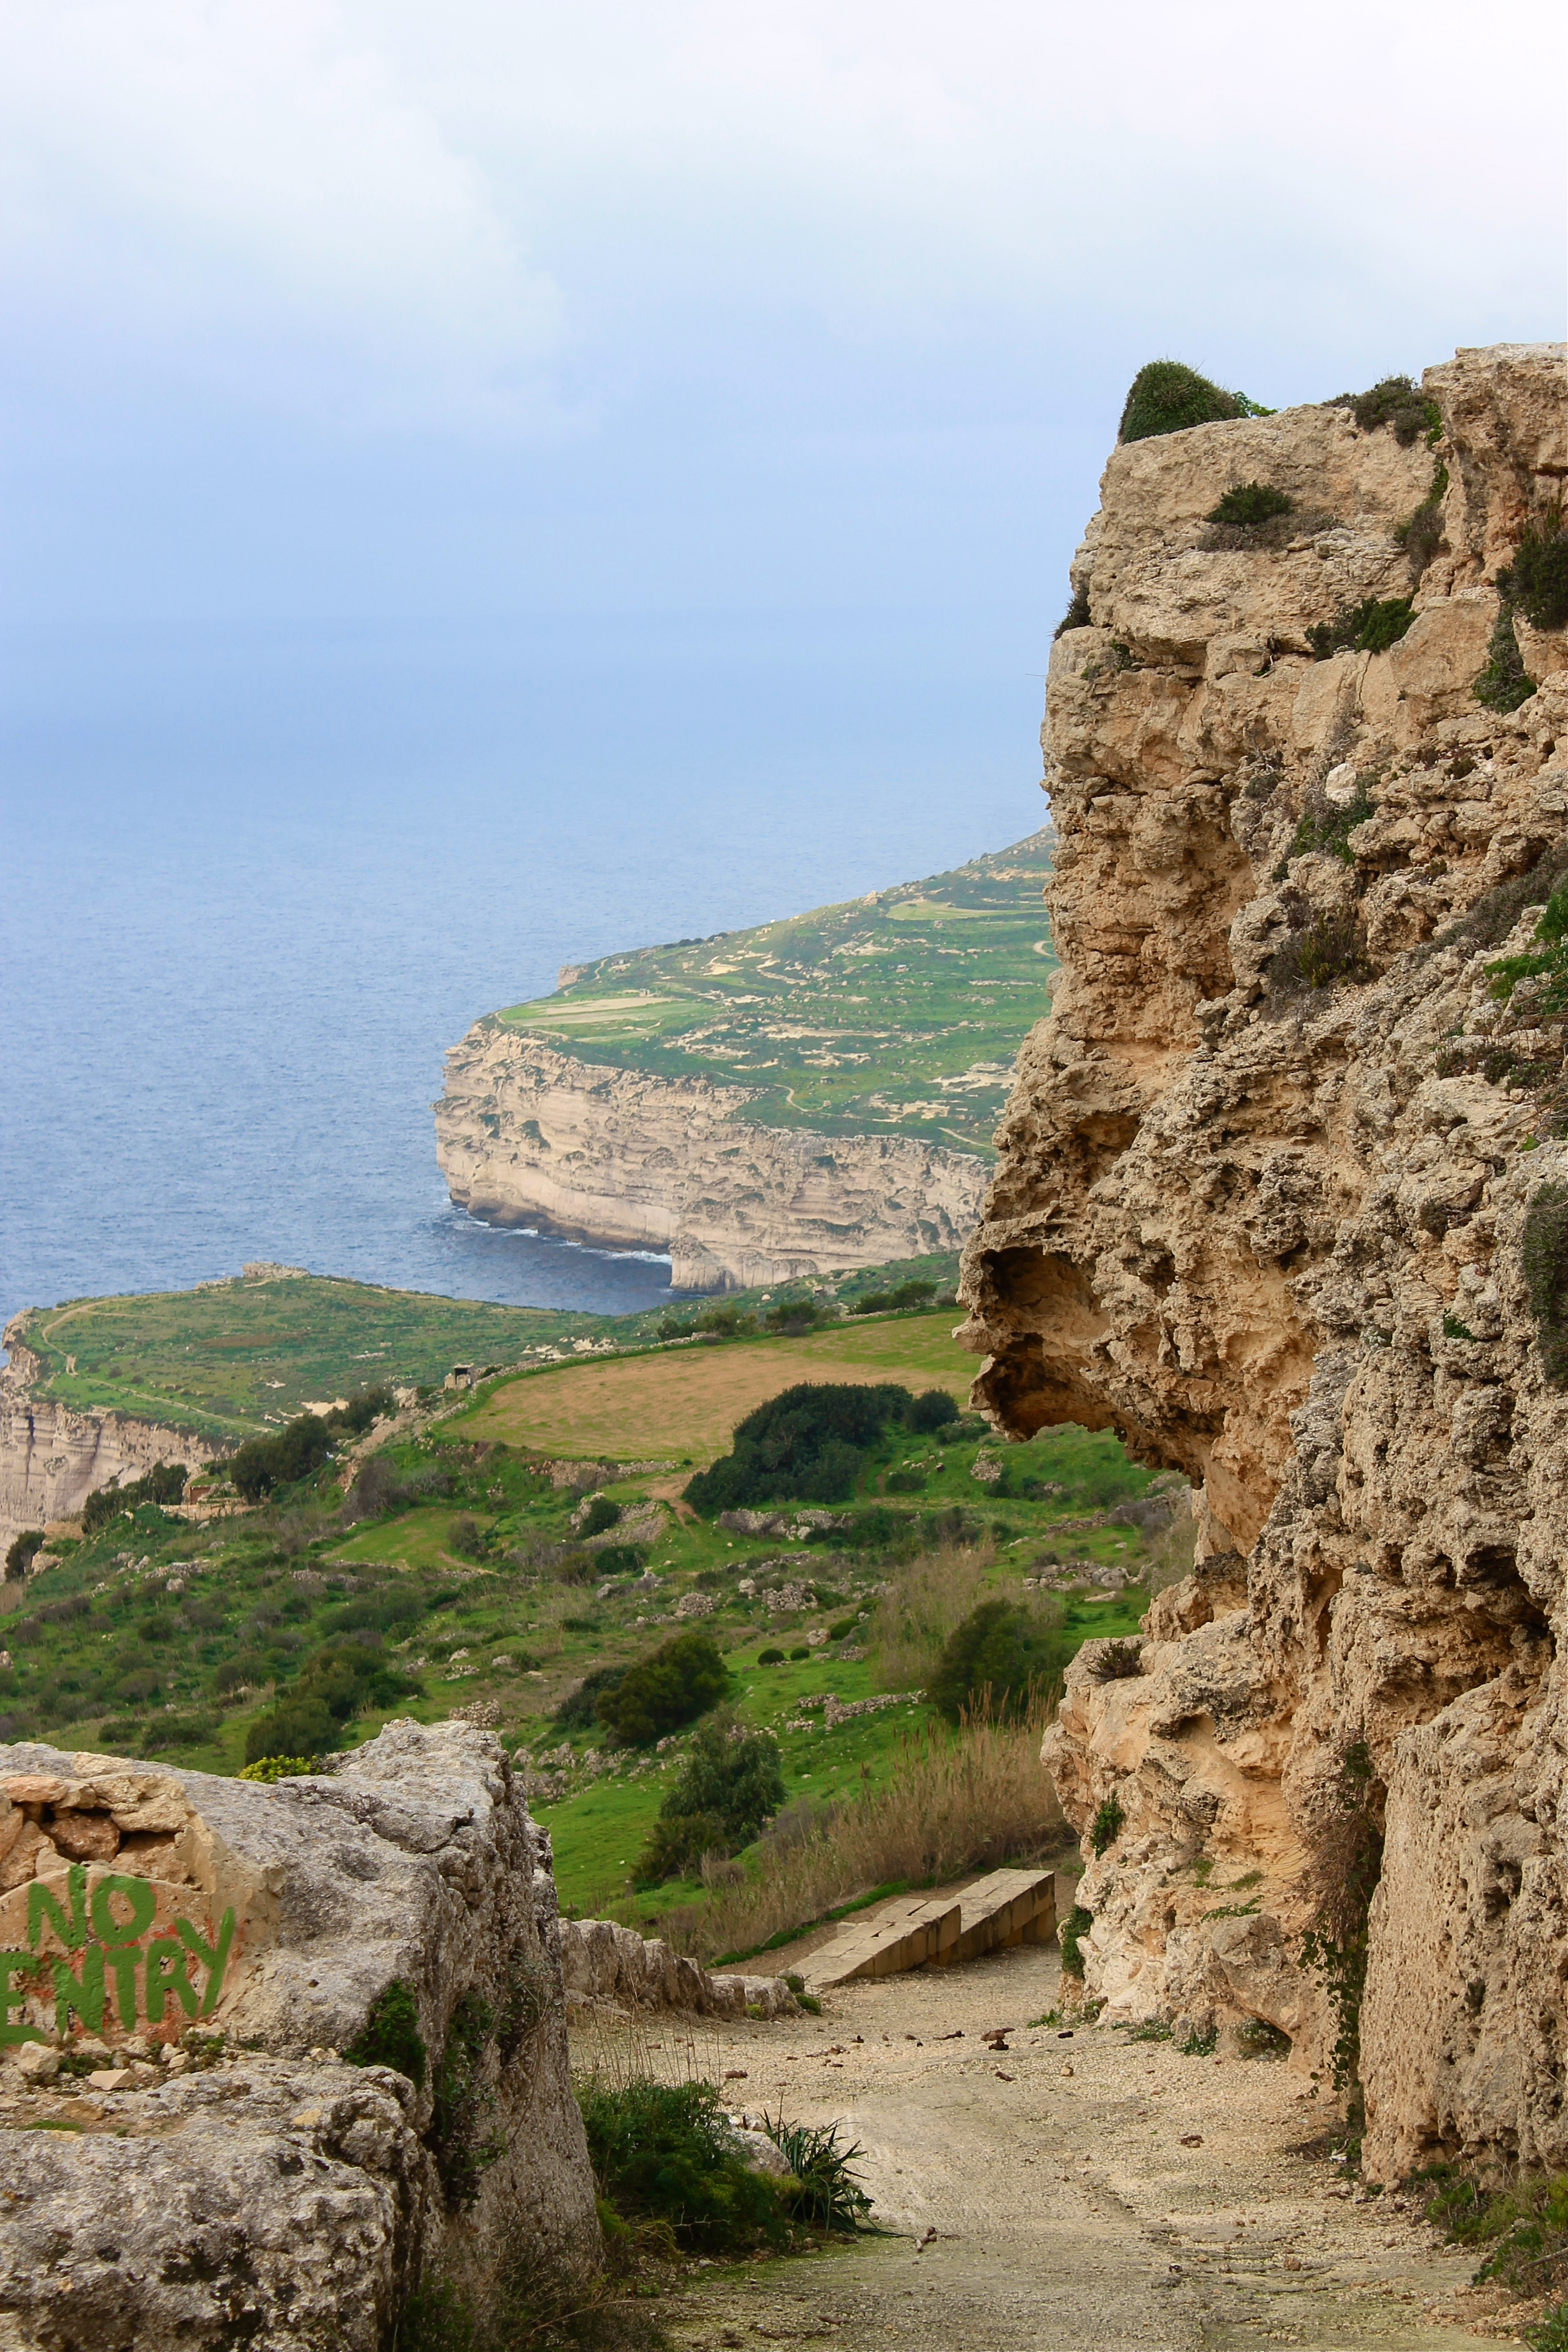 Conviértete en detective y adivina el misterio de los surcos prehistóricos - Malta Circuito Maravillas de Malta